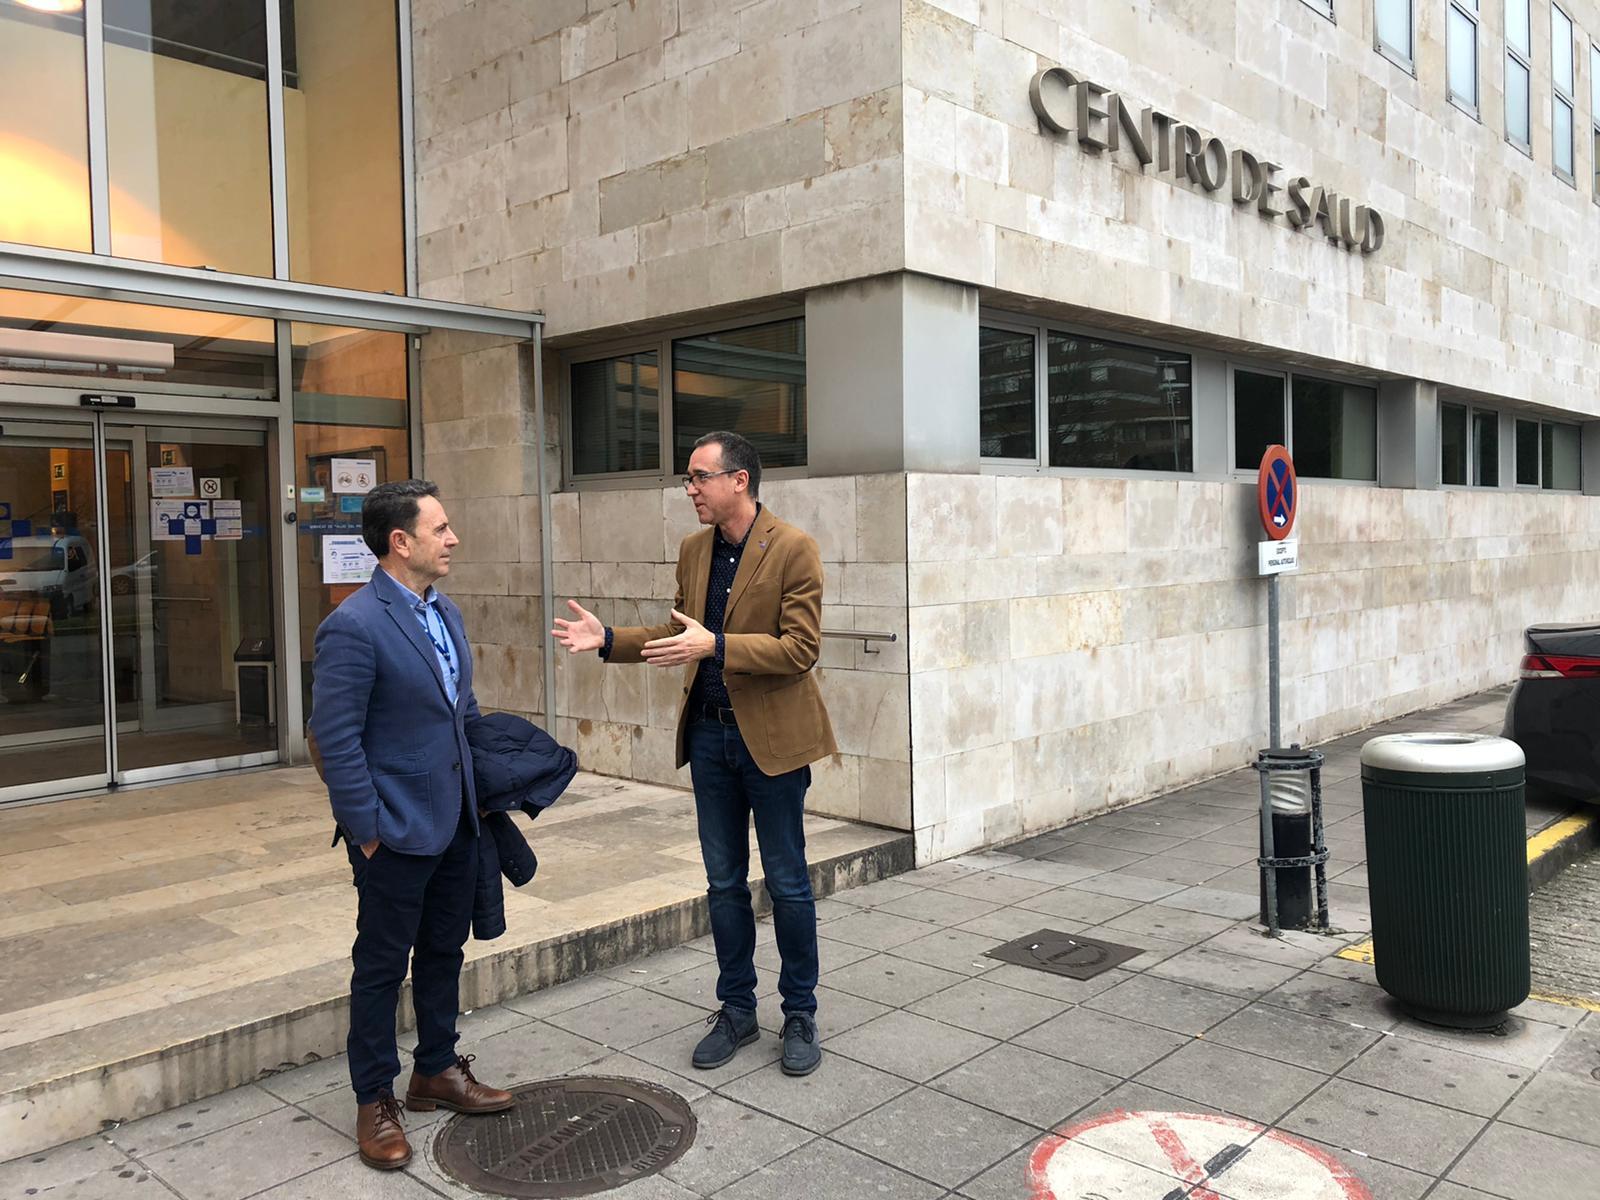 El consejero de Salud ha visitado el Credine, habilitado para afrontar la crisis sanitaria del nuevo coronavirus